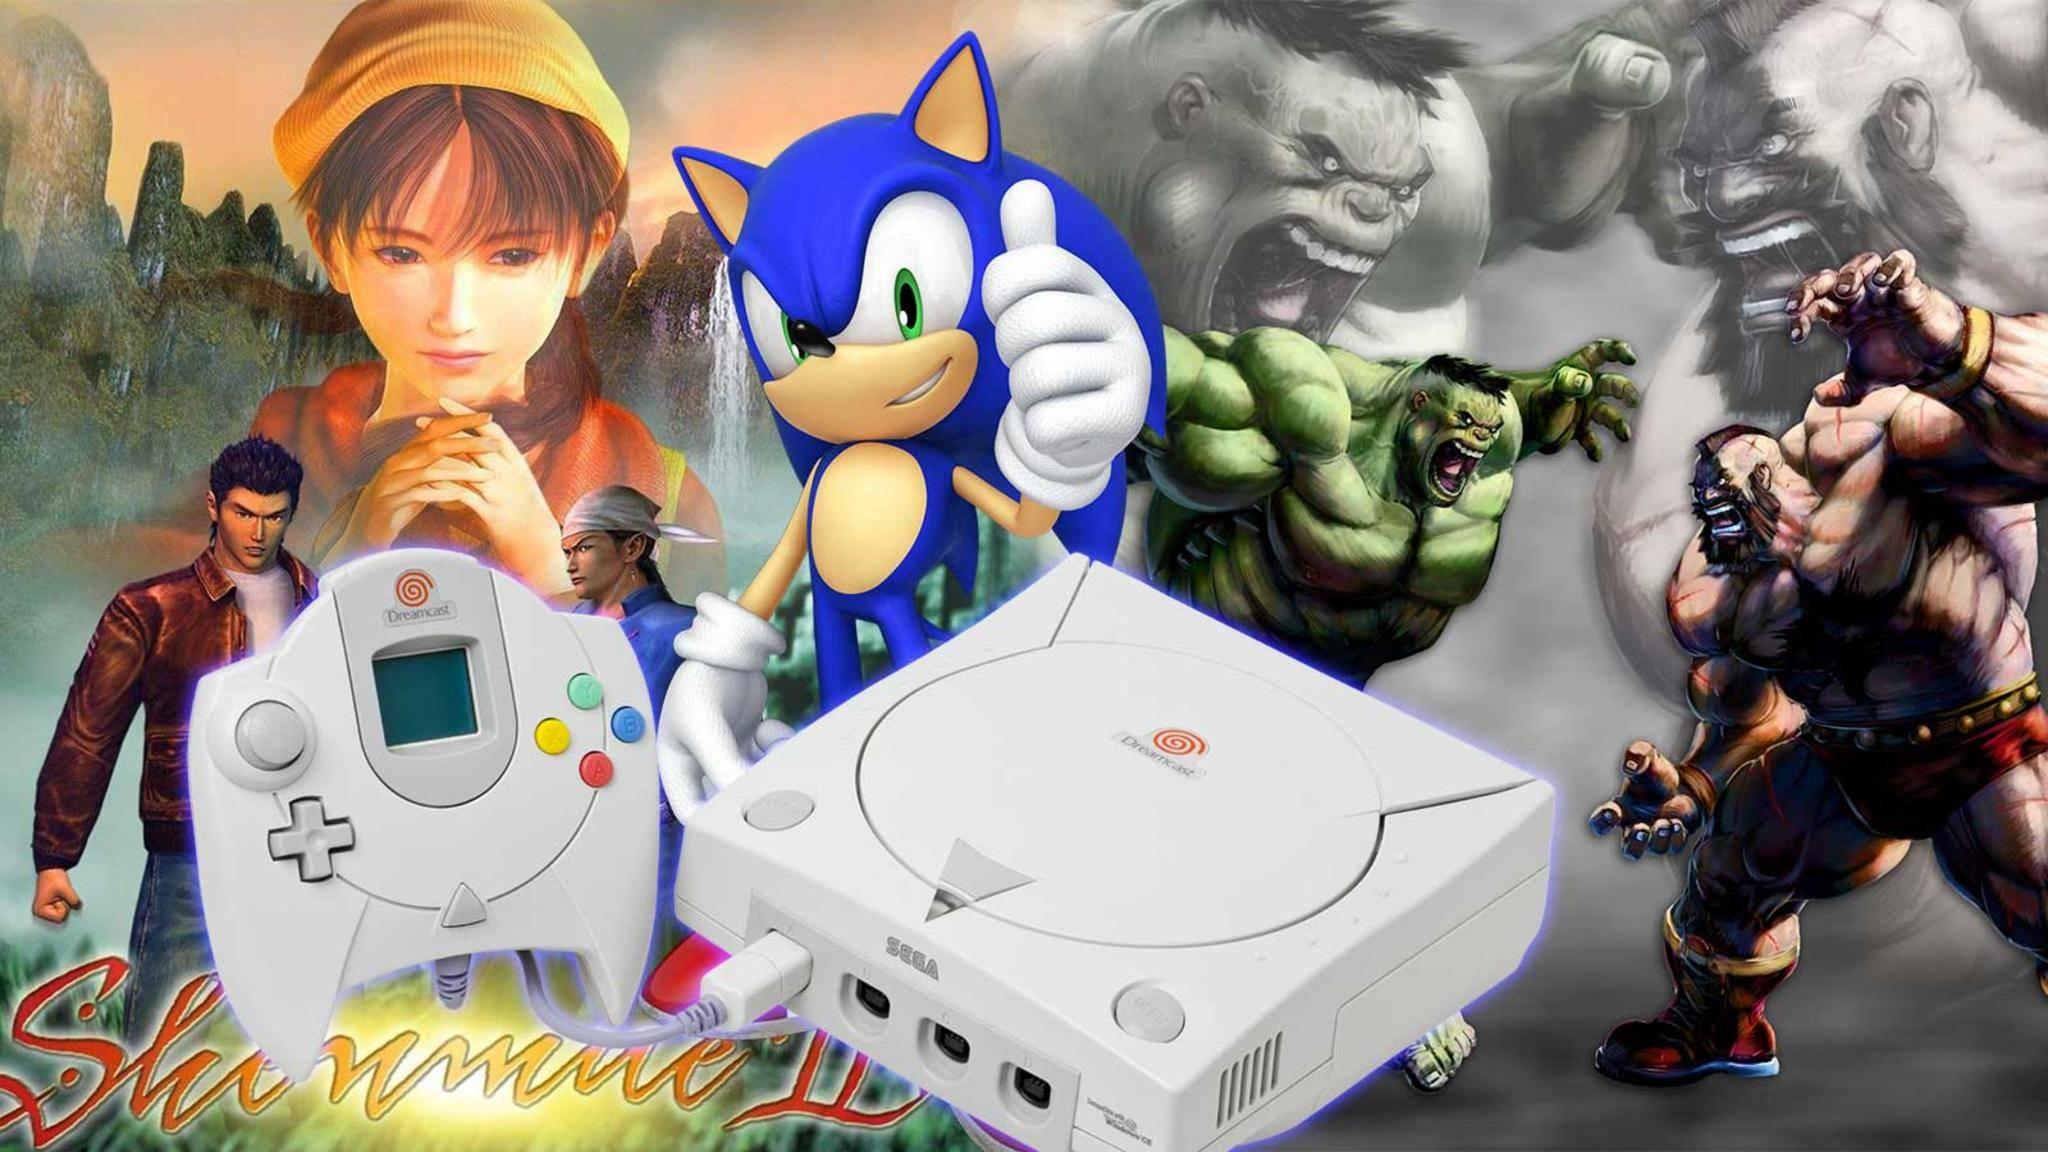 Ist eine Neuauflage der Sega Dreamcast in Arbeit?